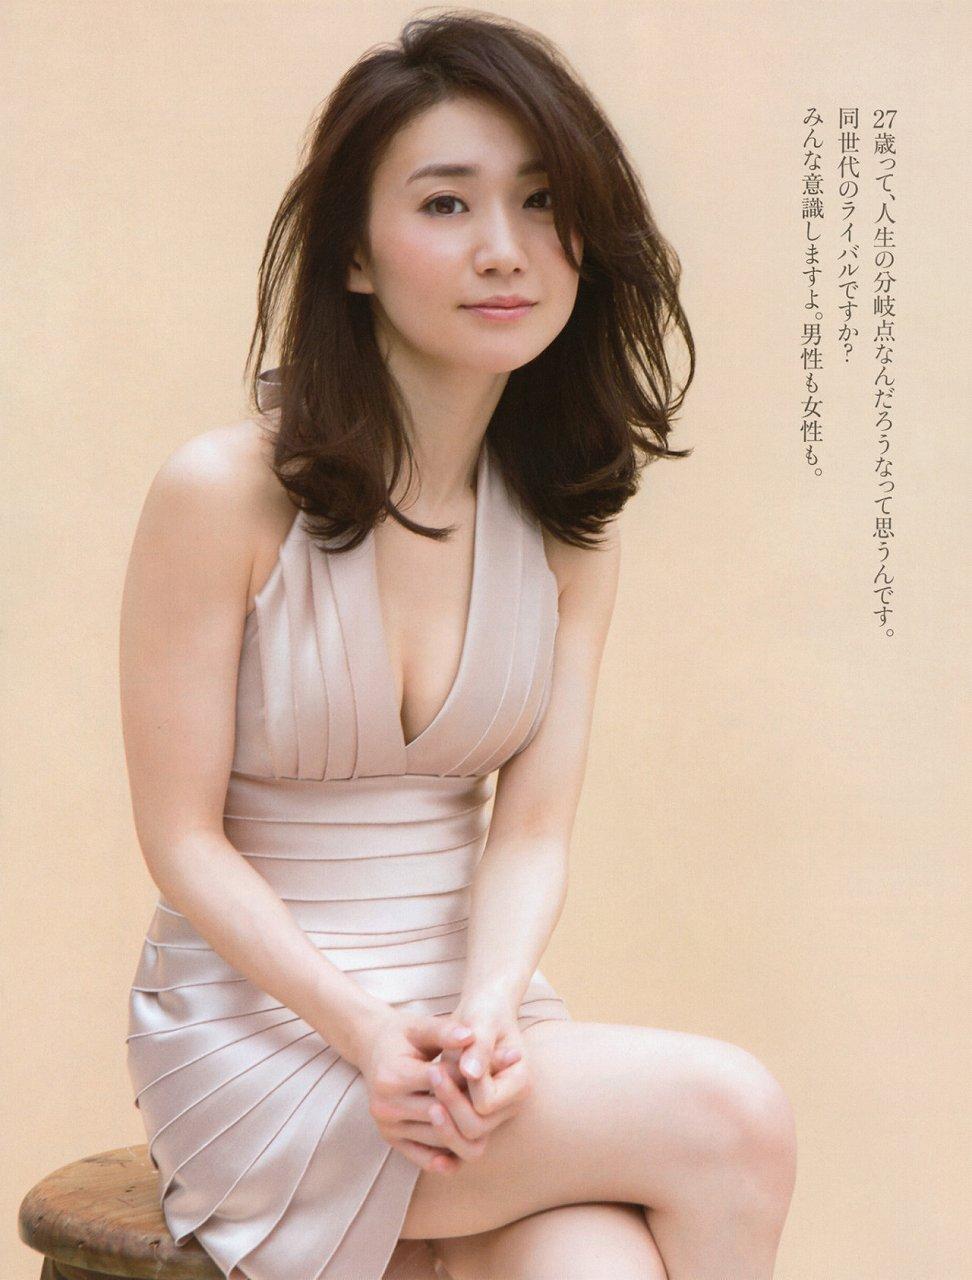 「FRIDAY(フライデー) 2016年 3/11 号」、大島優子の熟女路線グラビア